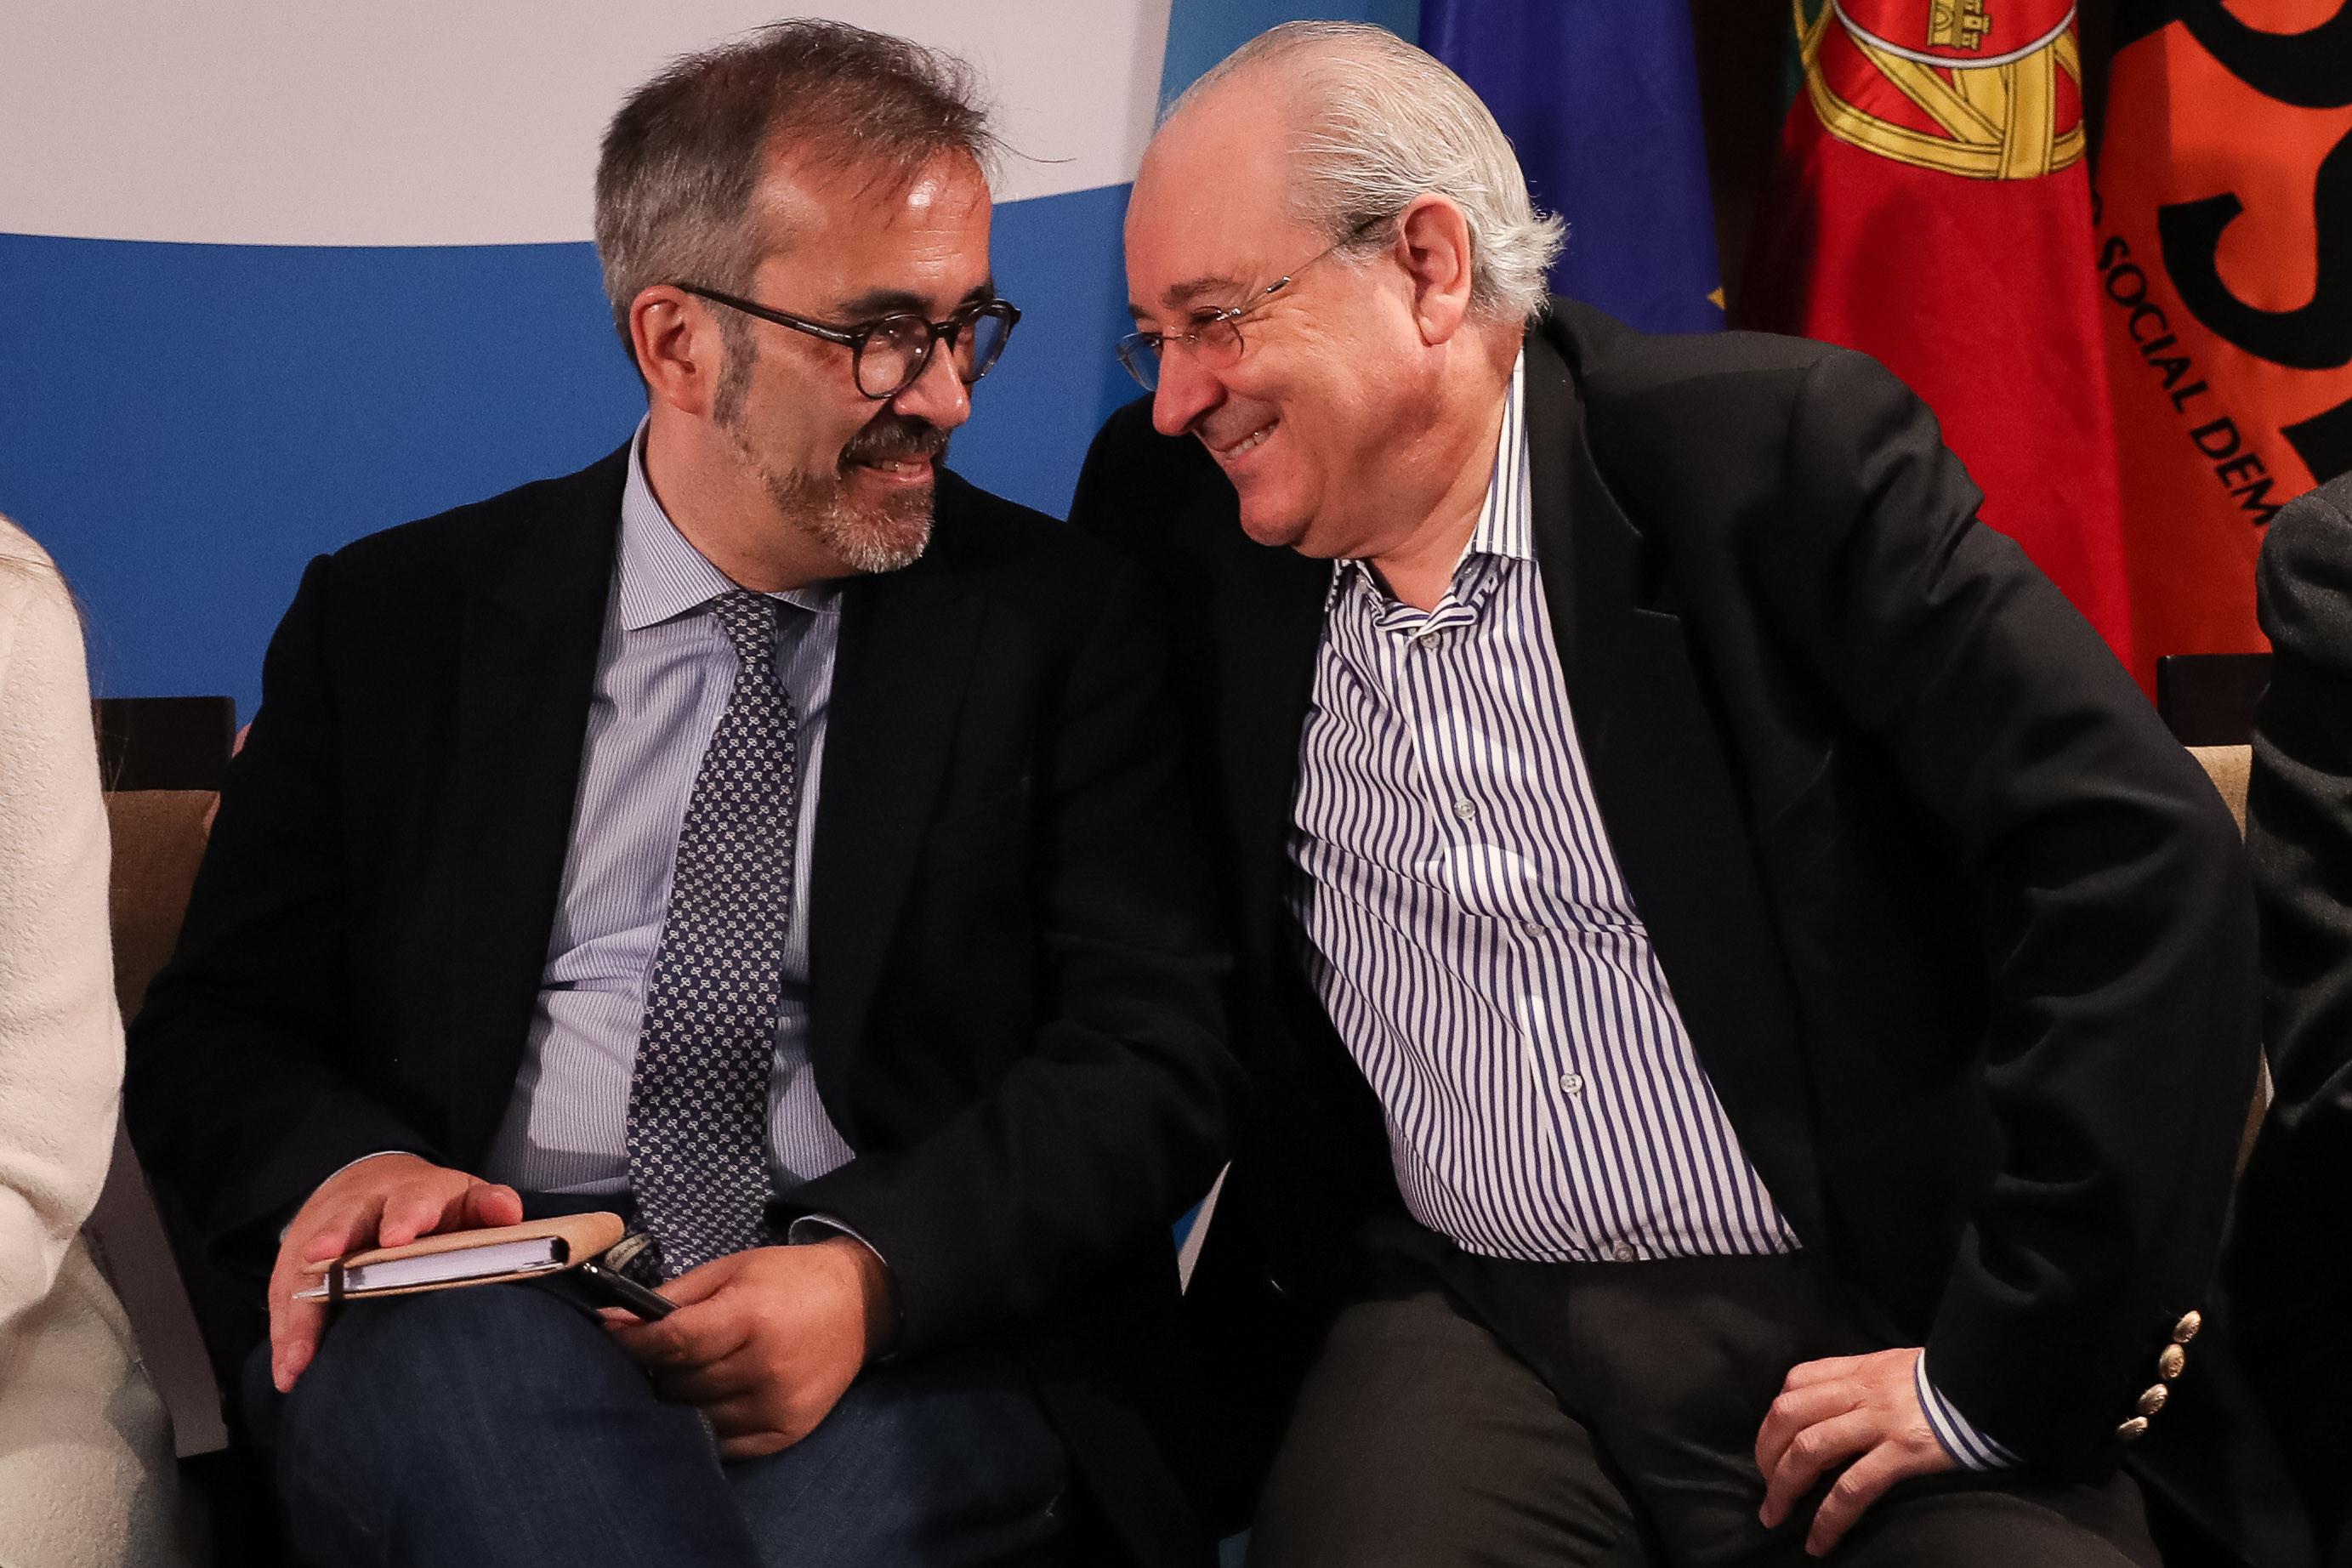 Lista do PSD às Europeias aprovada com 91% dos votos por votação secreta